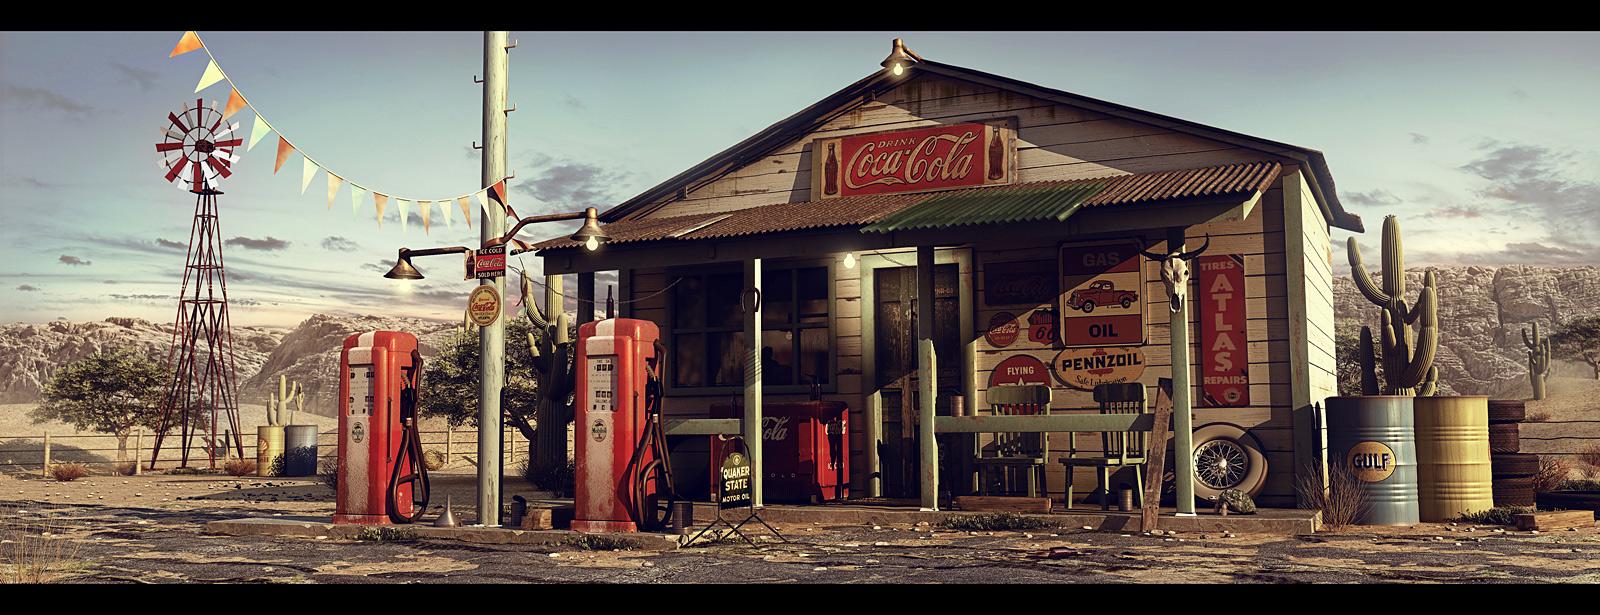 2011-08-08(18048)_Desert_gasstation.jpg